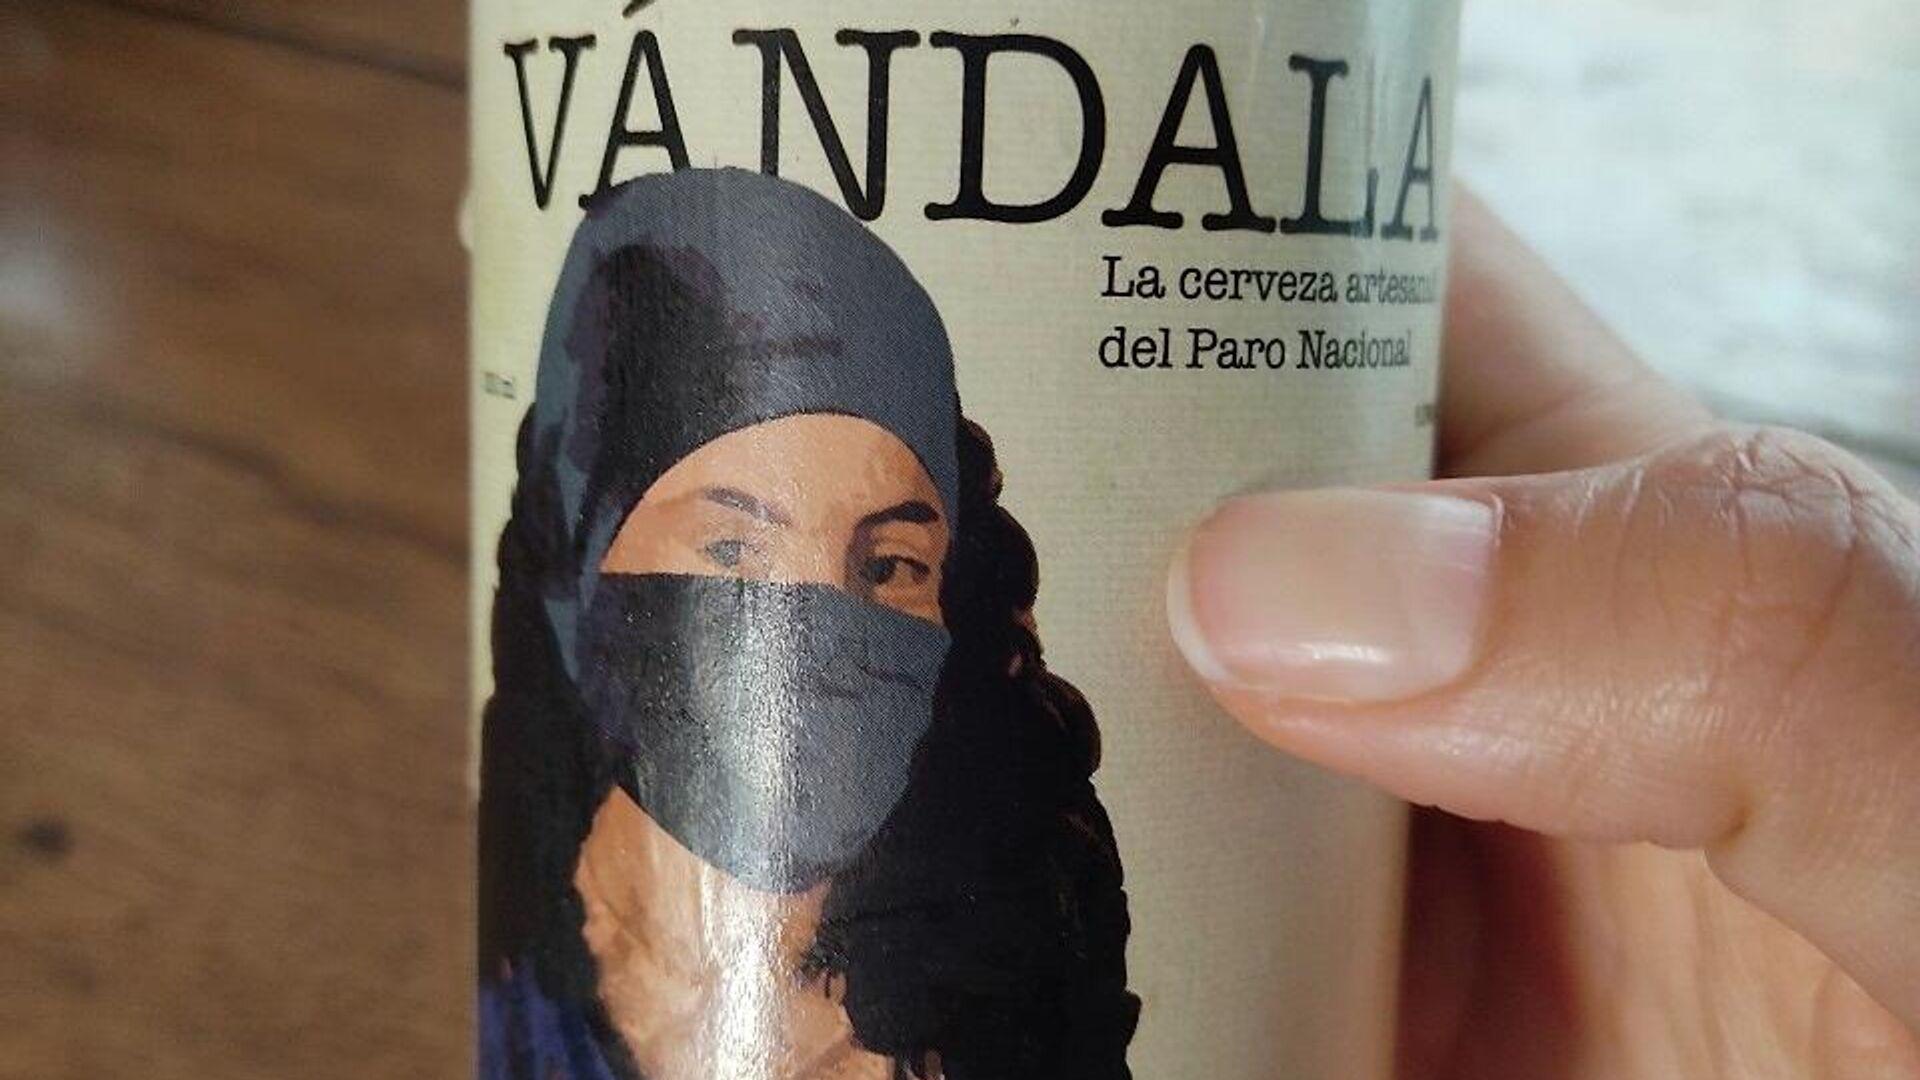 La cerveza colombiana 'Vándala' - Sputnik Mundo, 1920, 20.08.2021